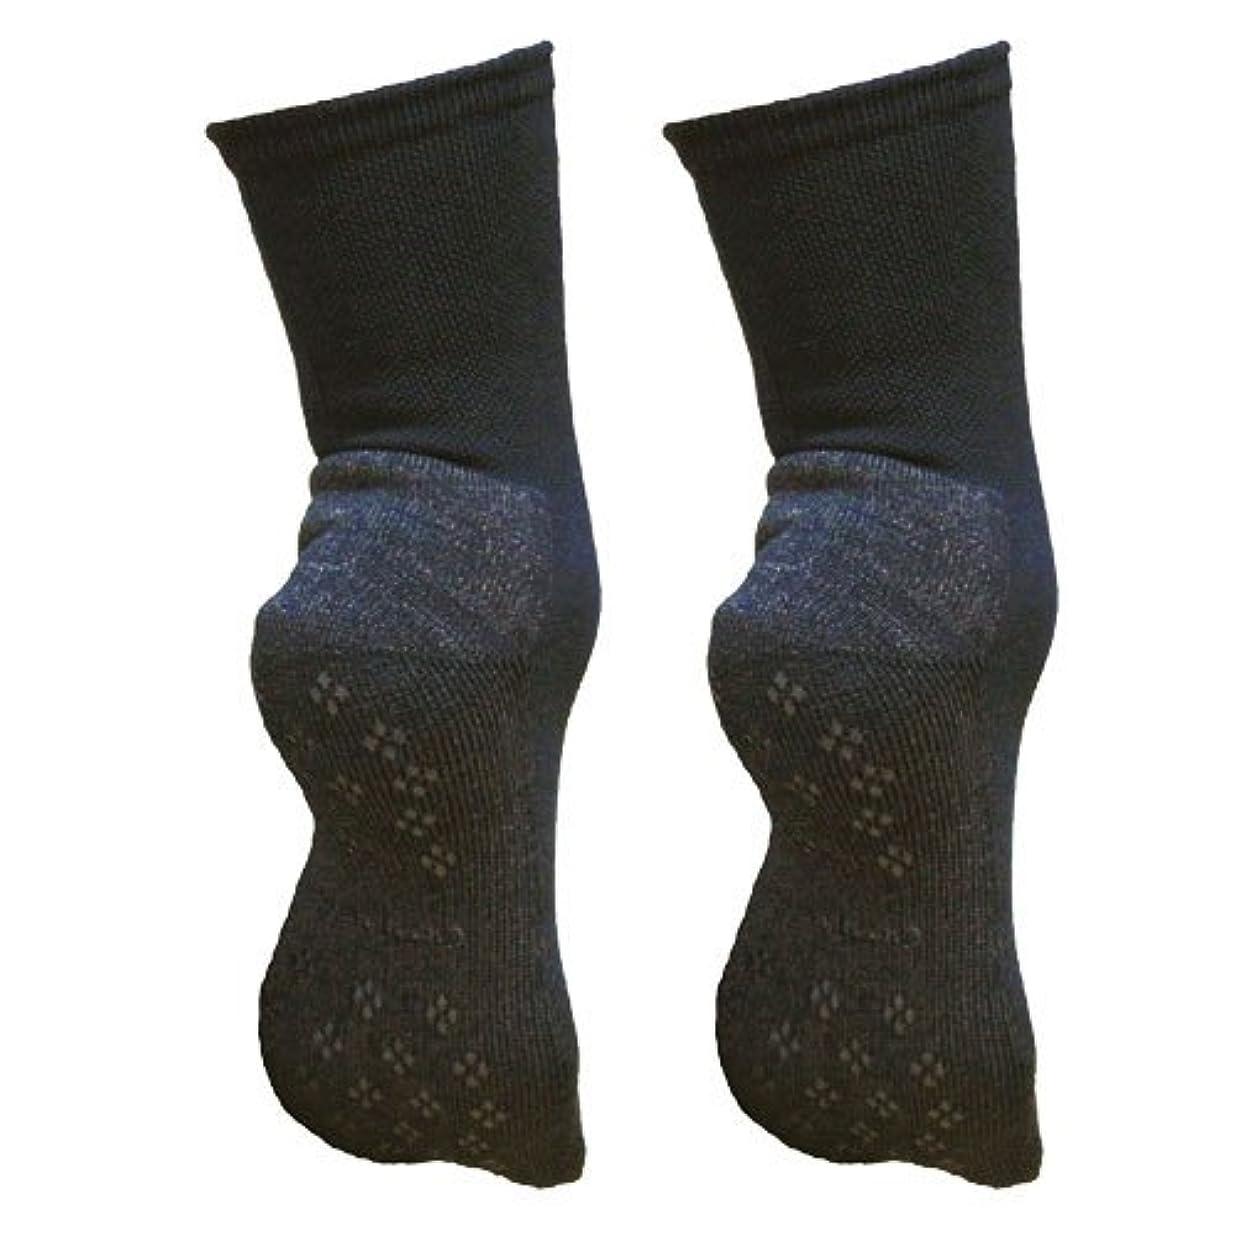 若い樹木束ねる銅繊維靴下「足もとはいつも青春」パイルタイプ2足セット 靴底のあたたかさ重視